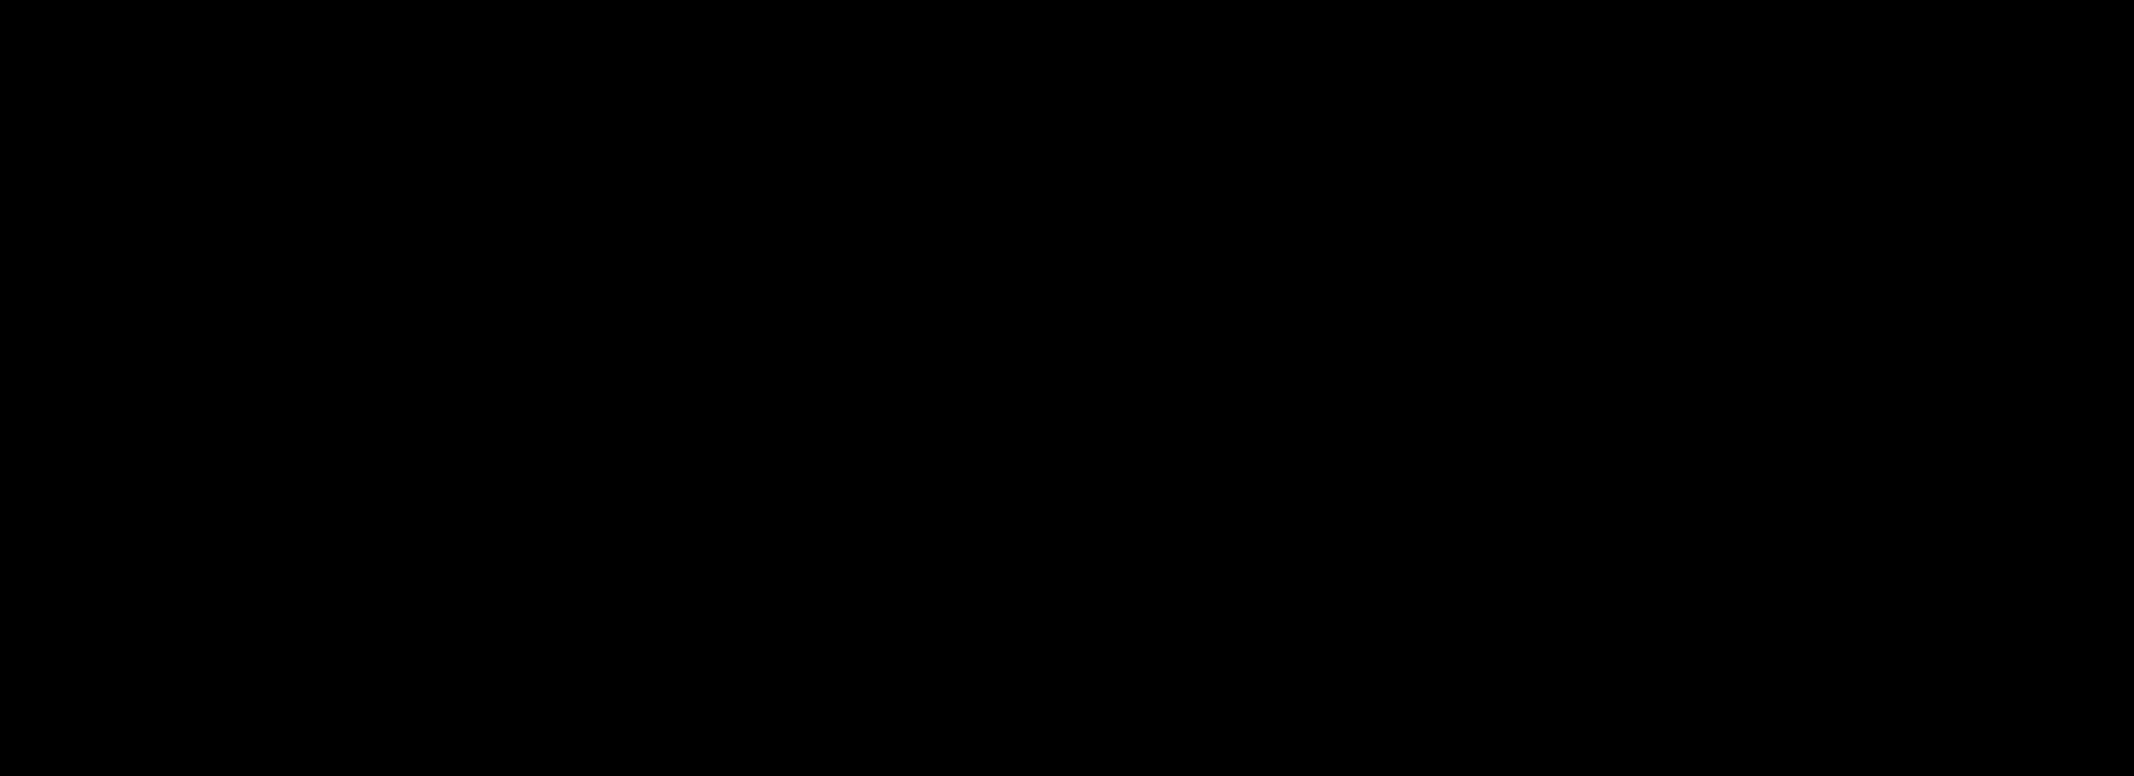 word image 579 Разработка и внедрение экологически безопасного биопрепарата для органического животноводства на основе защищенного продукта пчеловодства трутневого расплода с целью повышения естественной резистентности и продуктивности молодняка крупного рогатого скота